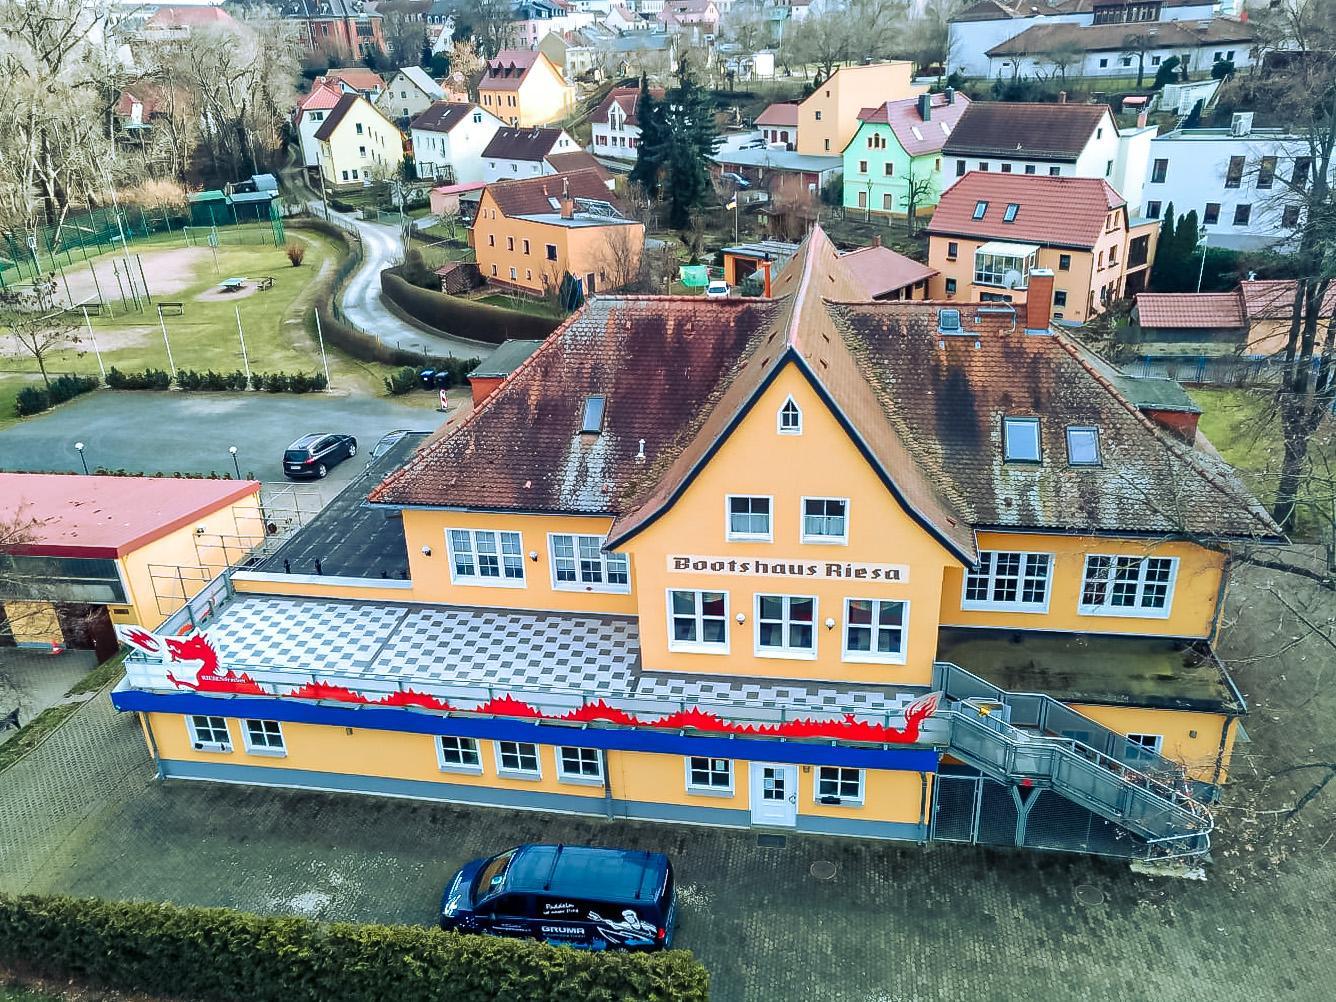 Bootshaus von oben